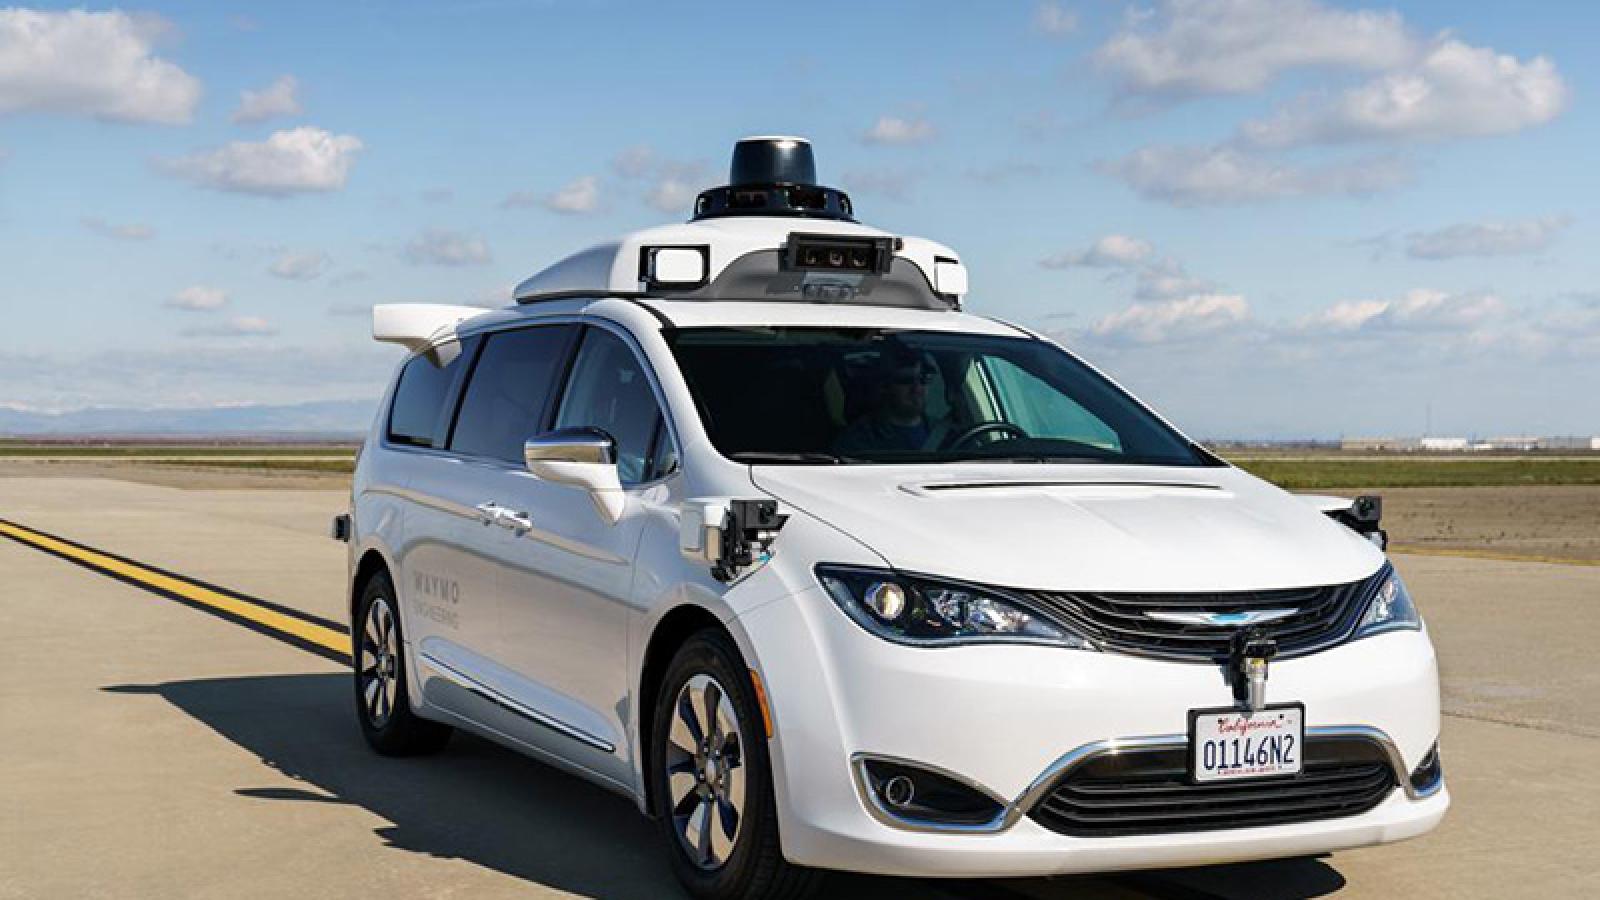 Thị trường LiDAR đạt 2,9 tỷ USD vào năm 2025 nhờ ô tô không người lái